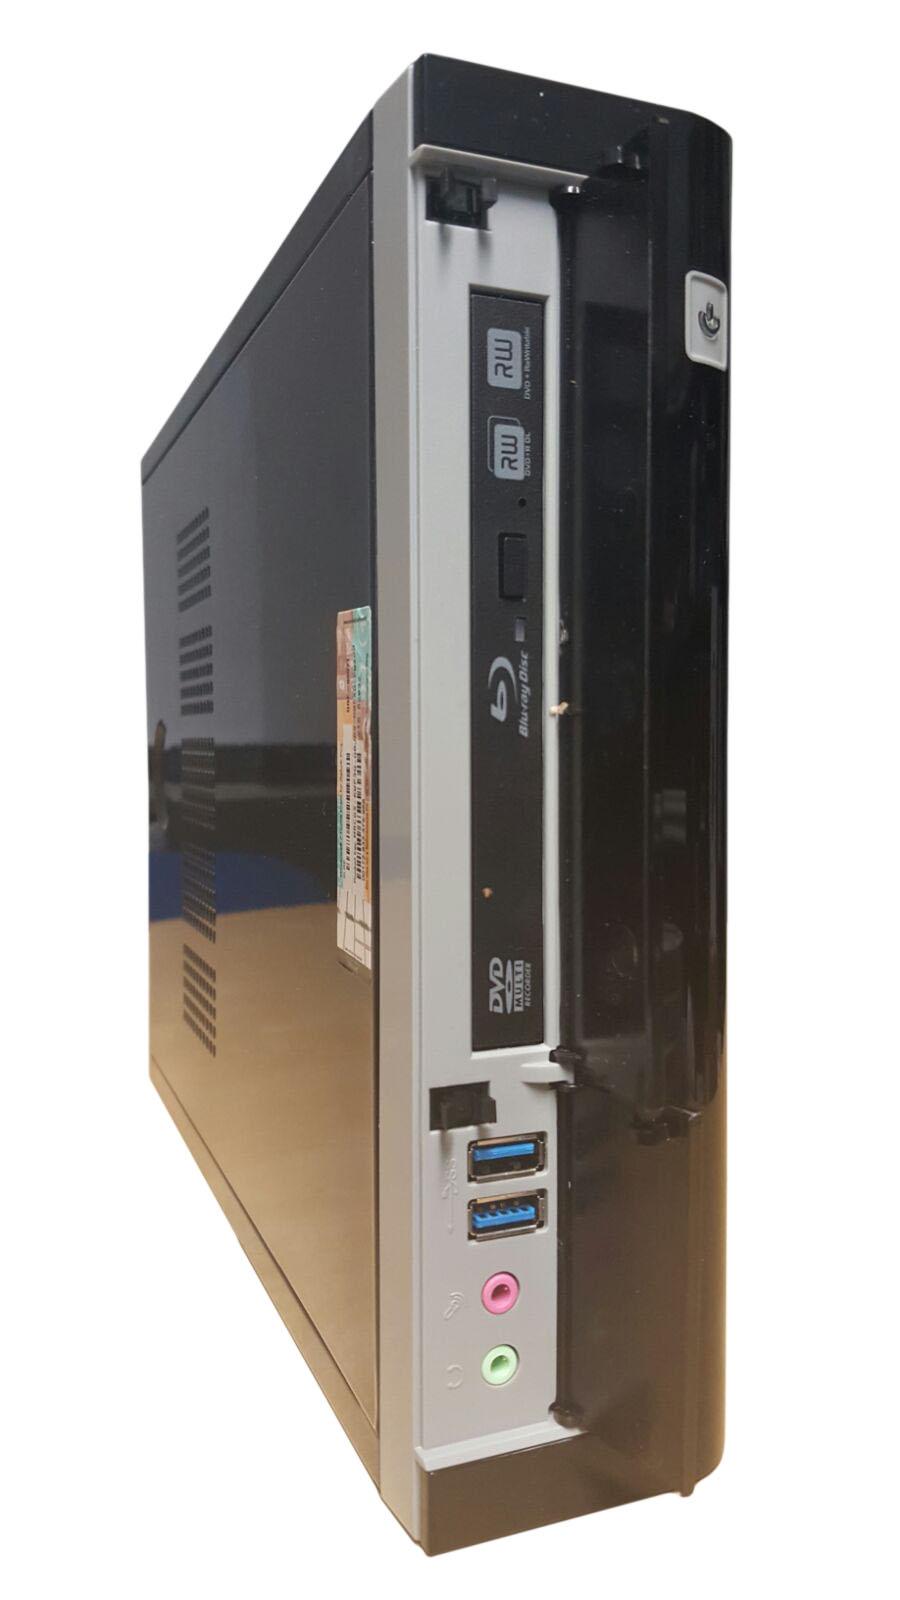 AMicro Wohnzimmer PC 310 schwarz   Windows 7 HP   Intel